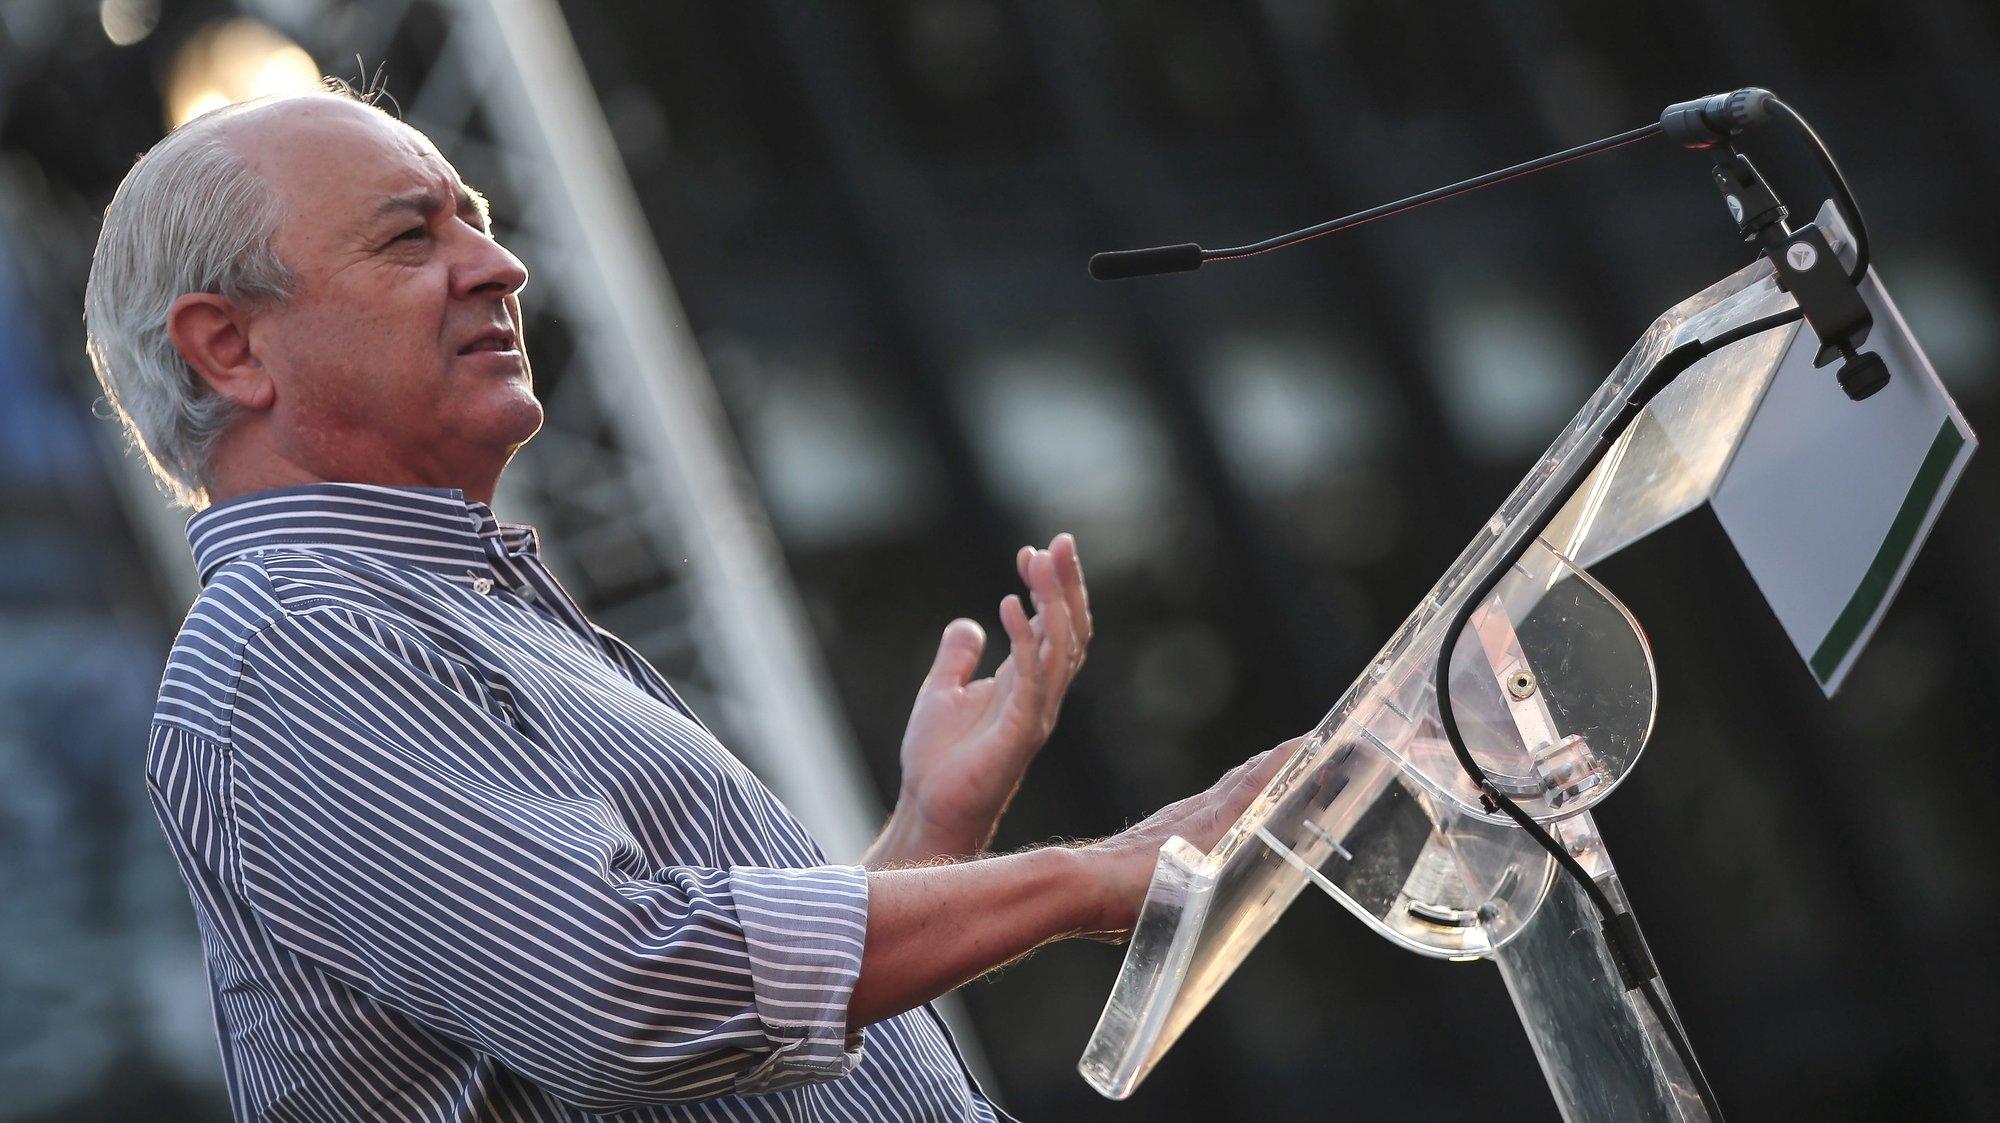 O presidente do Partido Social Democrata (PSD), Rui Rio, discursa durante ação de apresentação dos candidatos à Câmara Municipal de Barcelos, pela coligação PSD/BTF/CDS-PP 'Barcelos Mais Futuro', em Barcelos, 05 setembro 2021. MANUEL FERNANDO ARAÚJO/LUSA